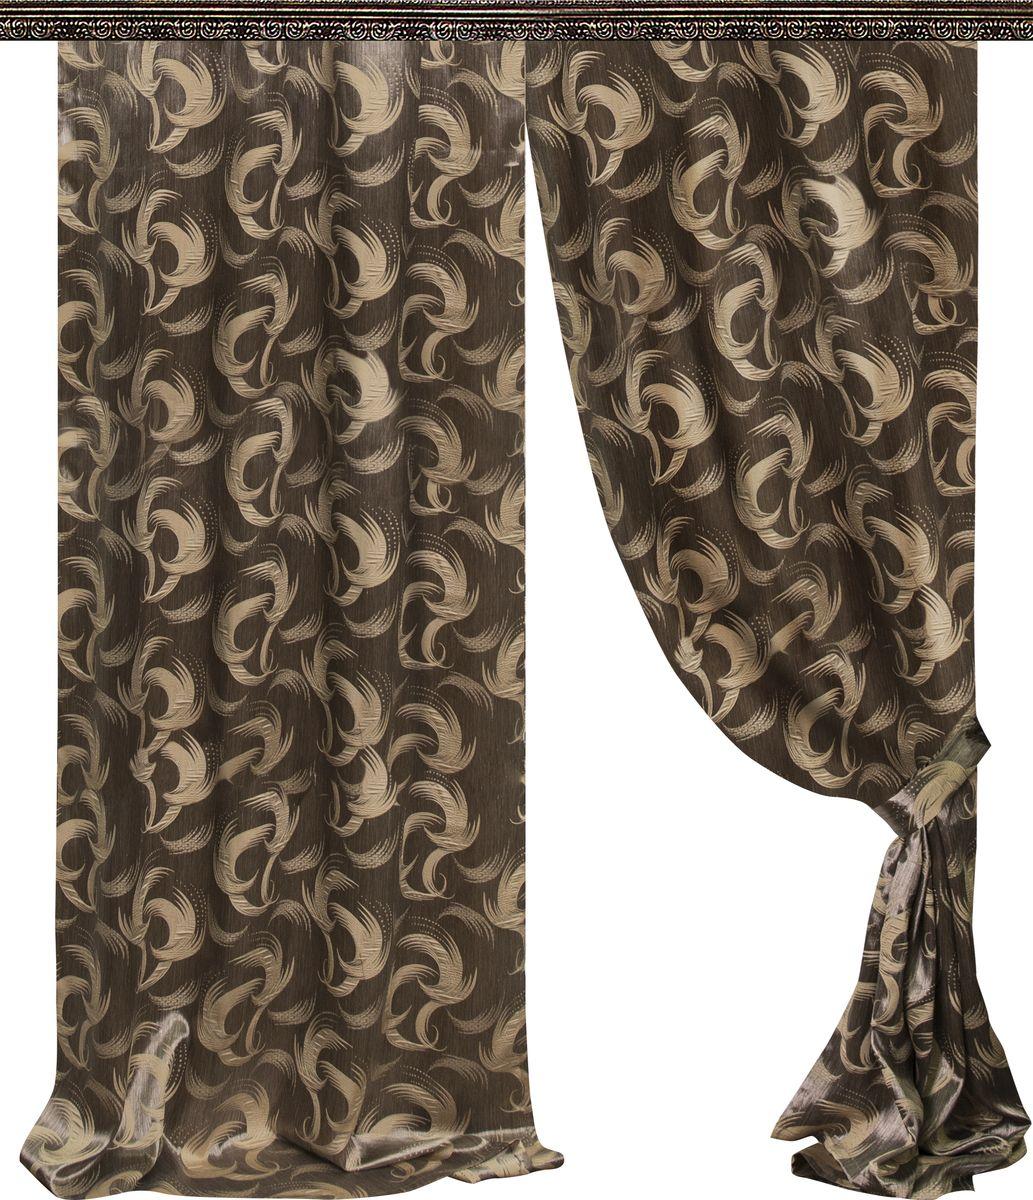 Комплект штор Zlata Korunka, на ленте, цвет: коричневый, высота 275 см. 777017777017Роскошный комплект штор Zlata Korunka, выполненный из 100% полиэстера, великолепно украсит любое окно. Комплект состоит из двух штор и двух подхватов. Плотная ткань, оригинальный принт и приятная, приглушенная гамма привлекут к себе внимание и органично впишутся в интерьер помещения. Комплект крепится на карниз при помощи шторной ленты, которая поможет красиво и равномерно задрапировать верх. Шторы можно зафиксировать в одном положении с помощью двух подхватов. Этот комплект будет долгое время радовать вас и вашу семью! В комплект входит: Портьера: 2 шт. Размер (ШхВ): 160 см х 275 см. Подхват: 2 шт. Размер (ШхВ): 60 см х 10 см.